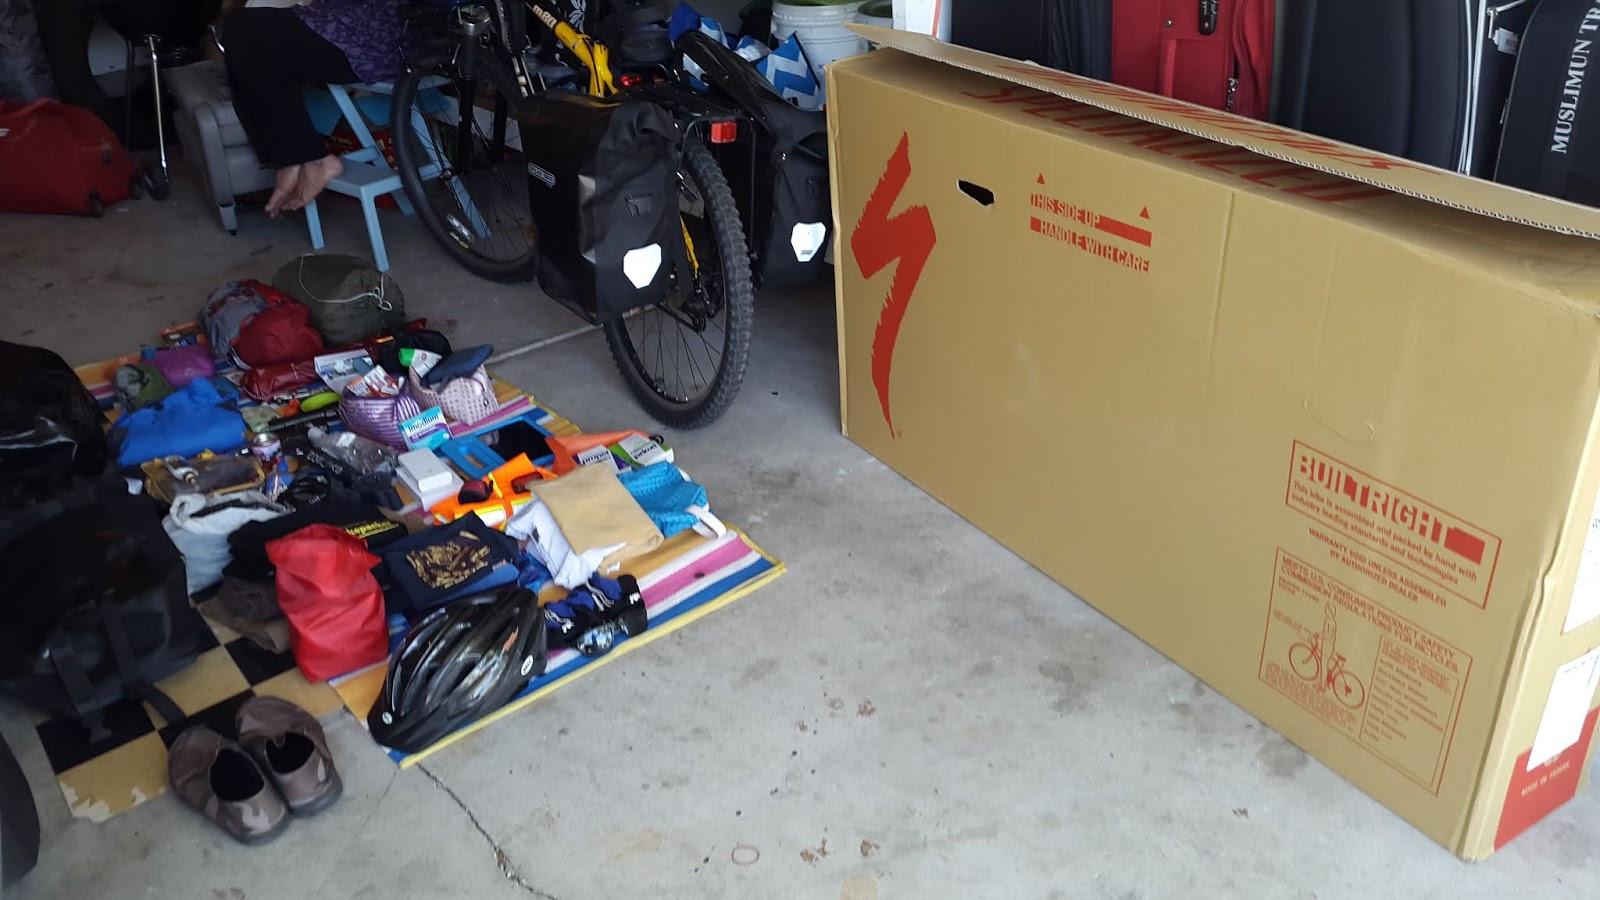 Sewaktu check in Baggage yang berbentuk box/carton sepeda ini ditimbang beratnya 35 Kg. Petugas memberi tahu kelebihan begasiku 15 Kg